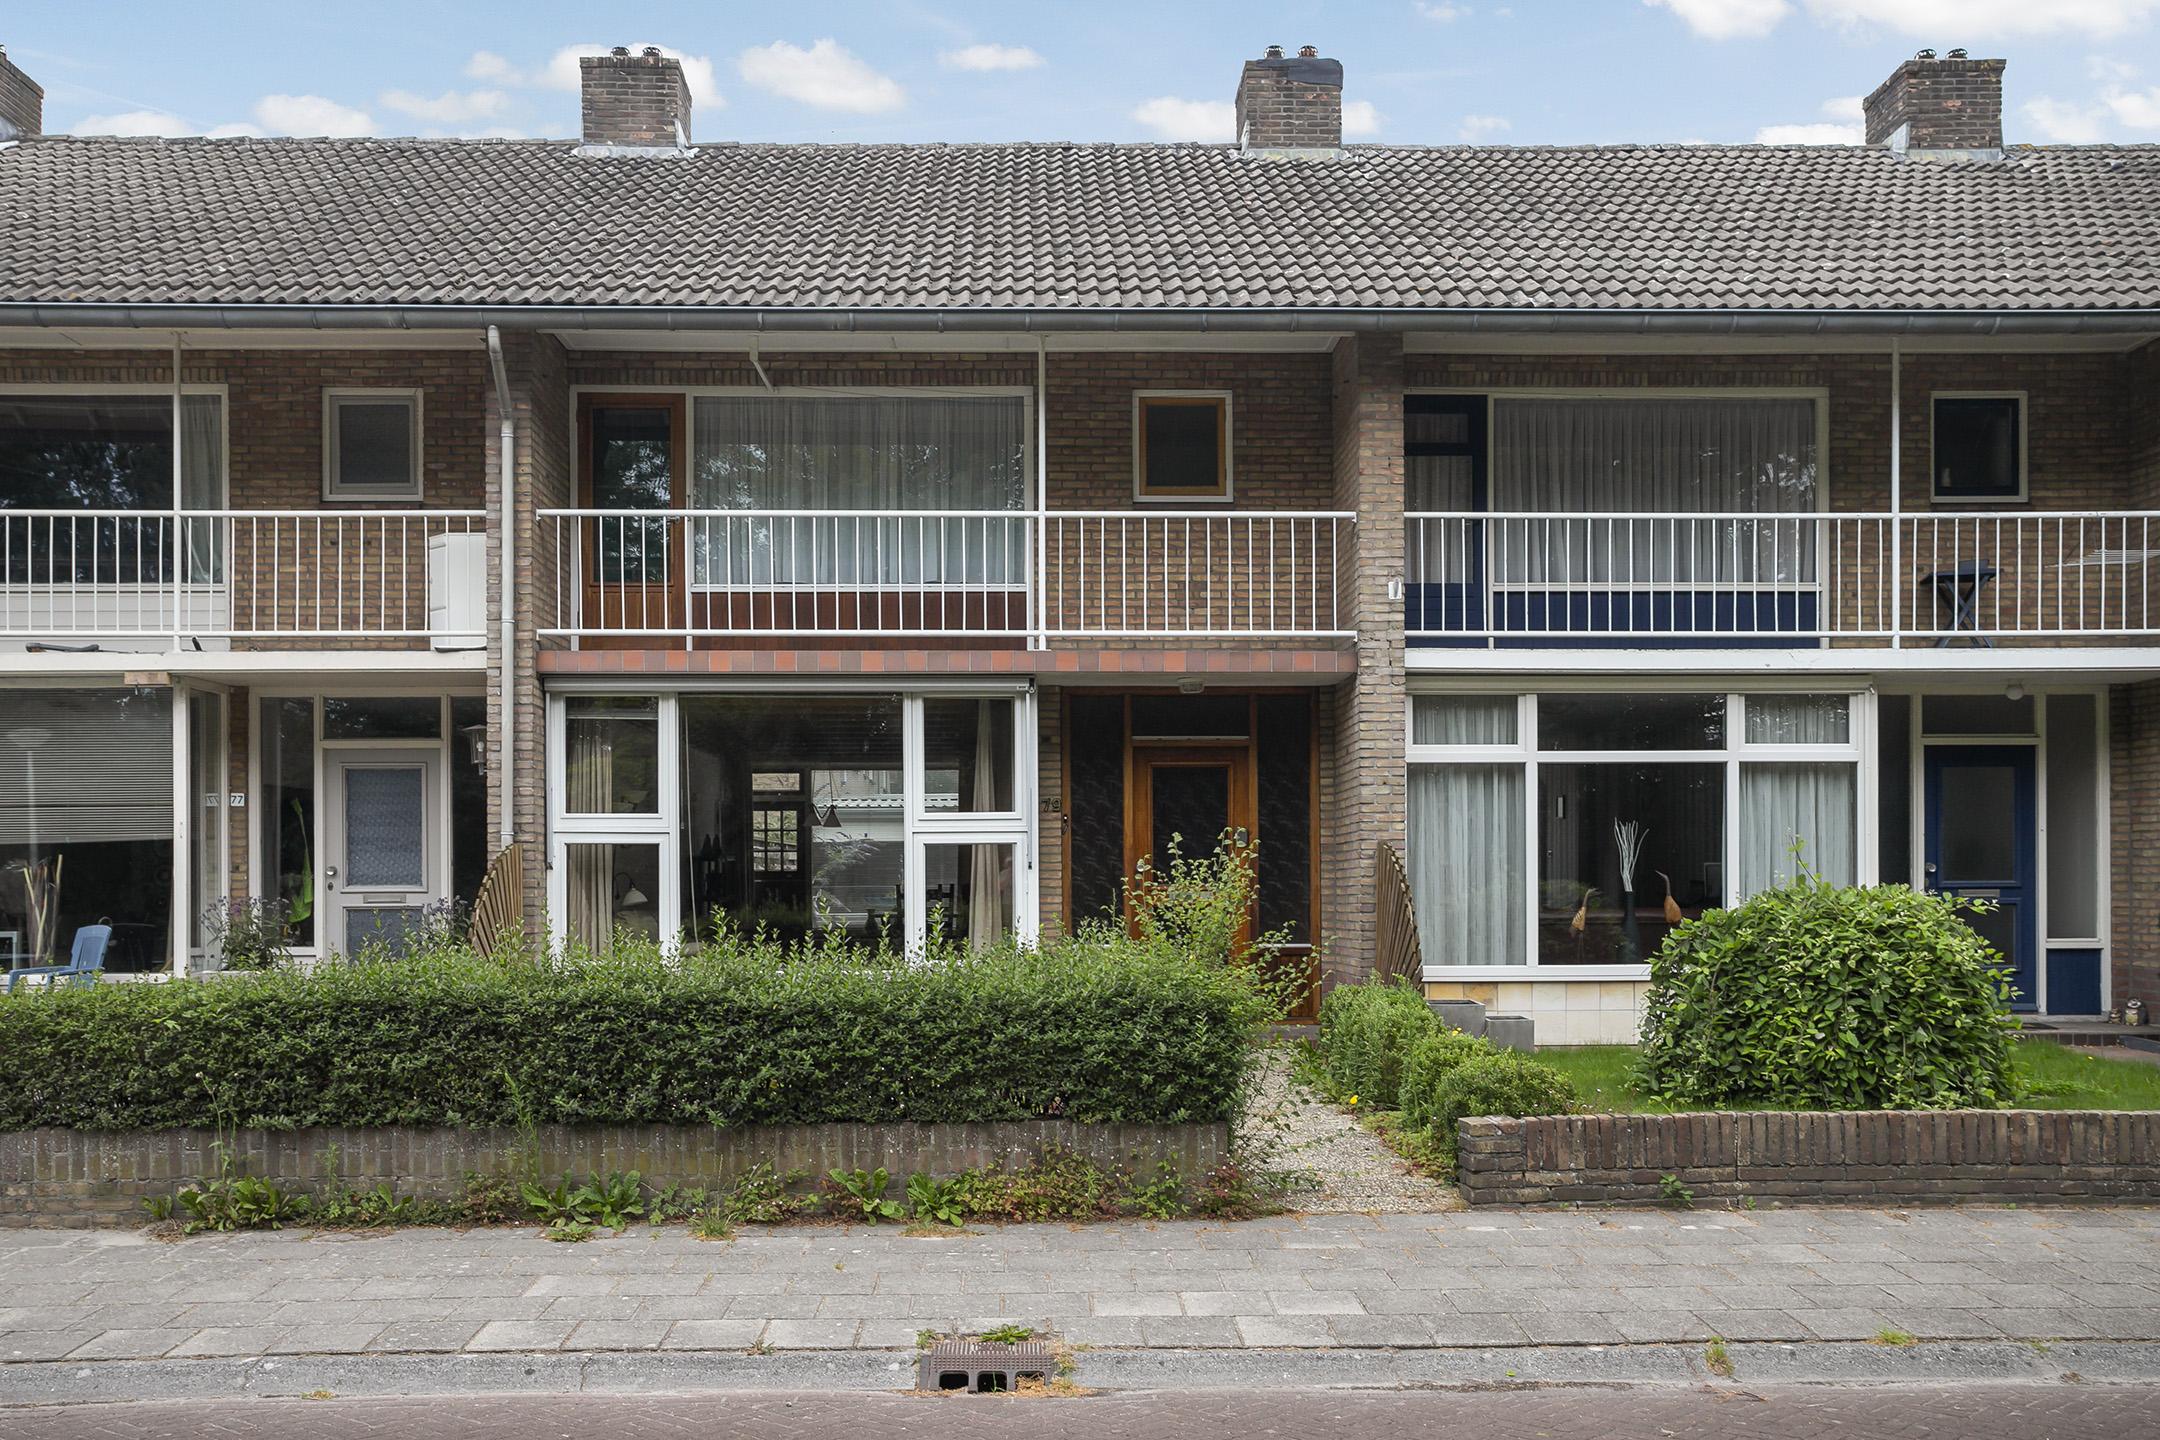 David Krammerstraat 79 Coevorden